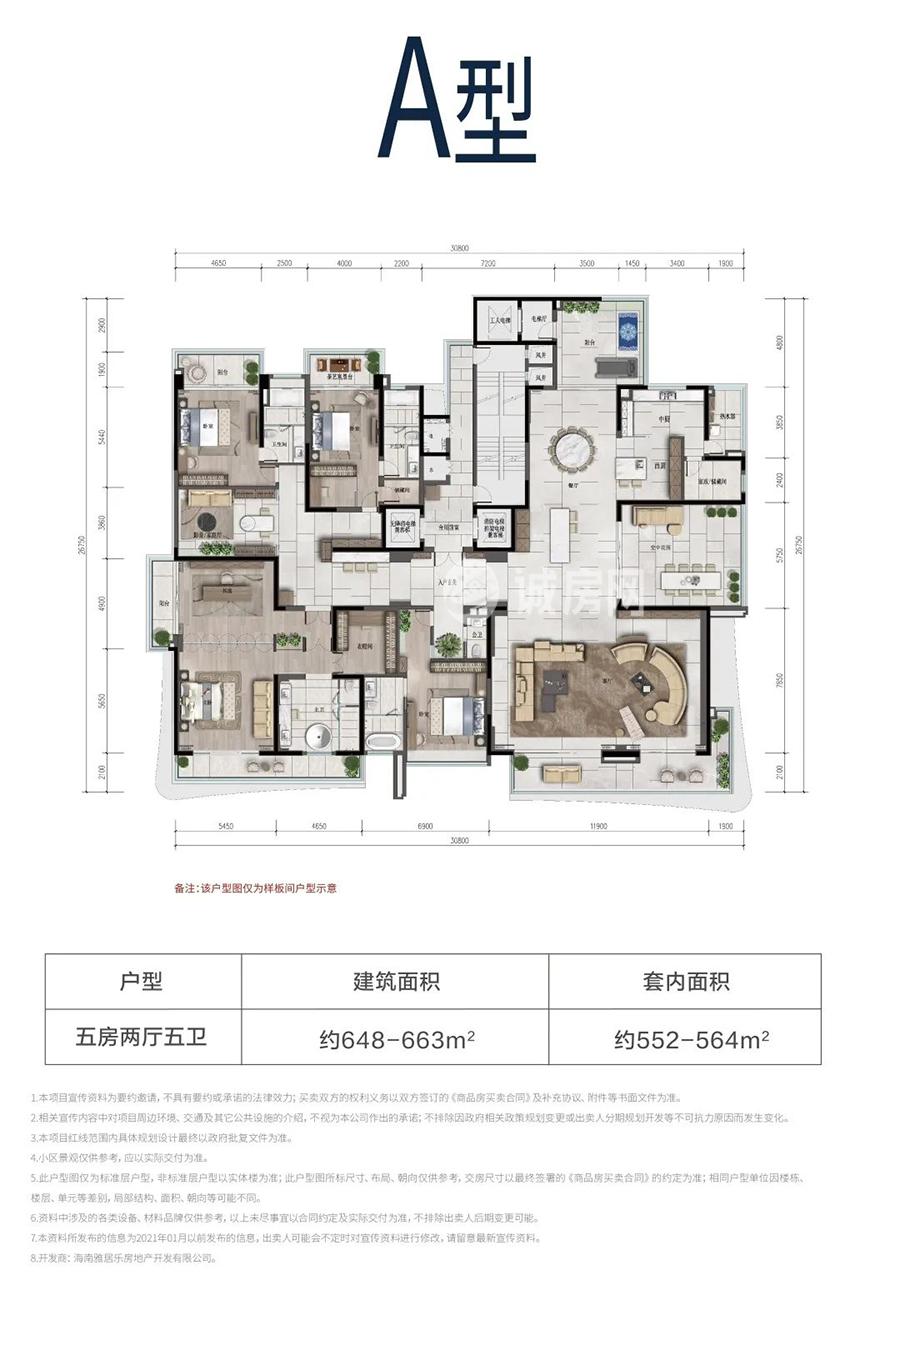 雅居乐清水湾5室2厅5卫 (建筑面积:648.00㎡)